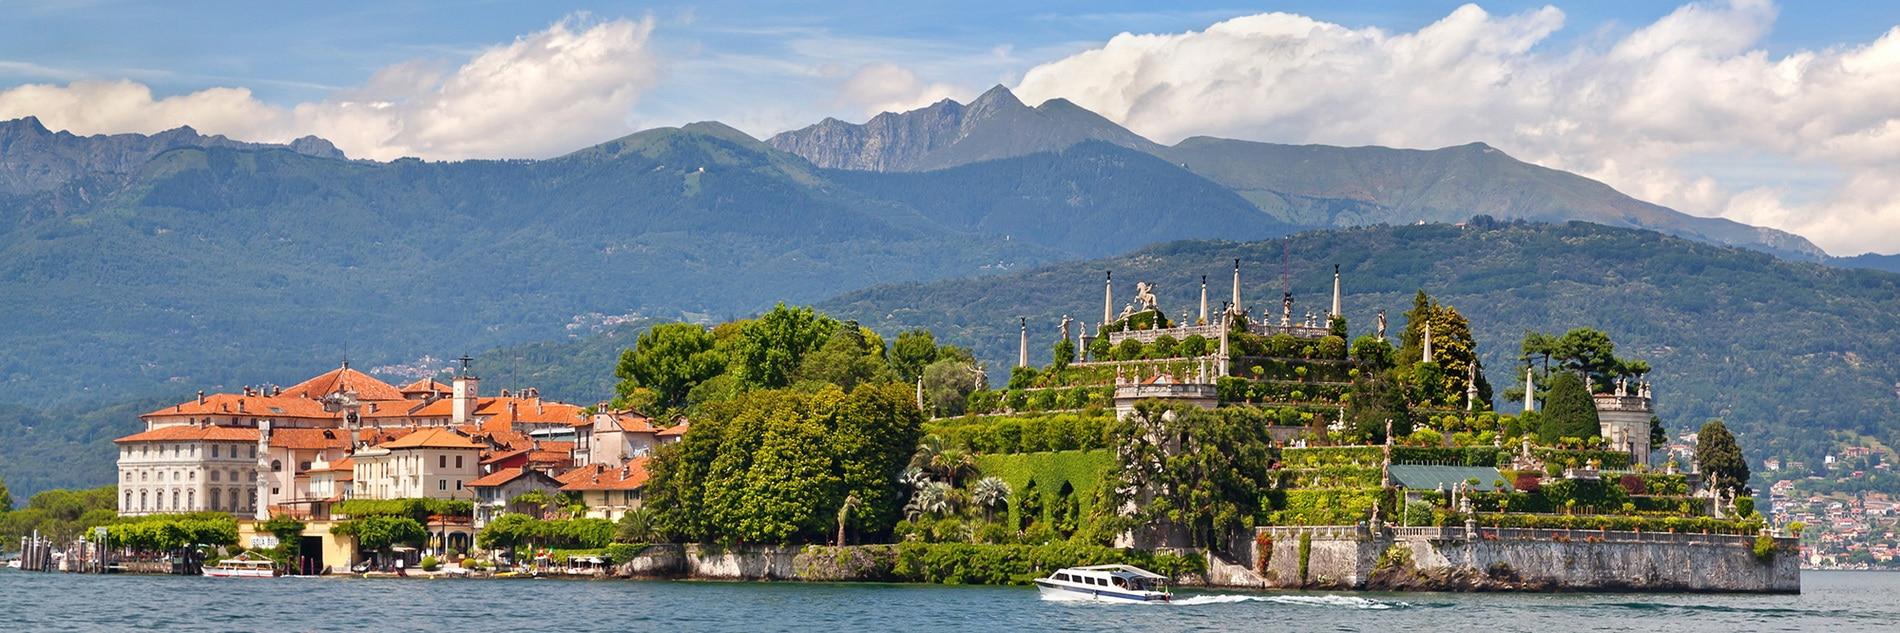 Lake Maggiore wedding